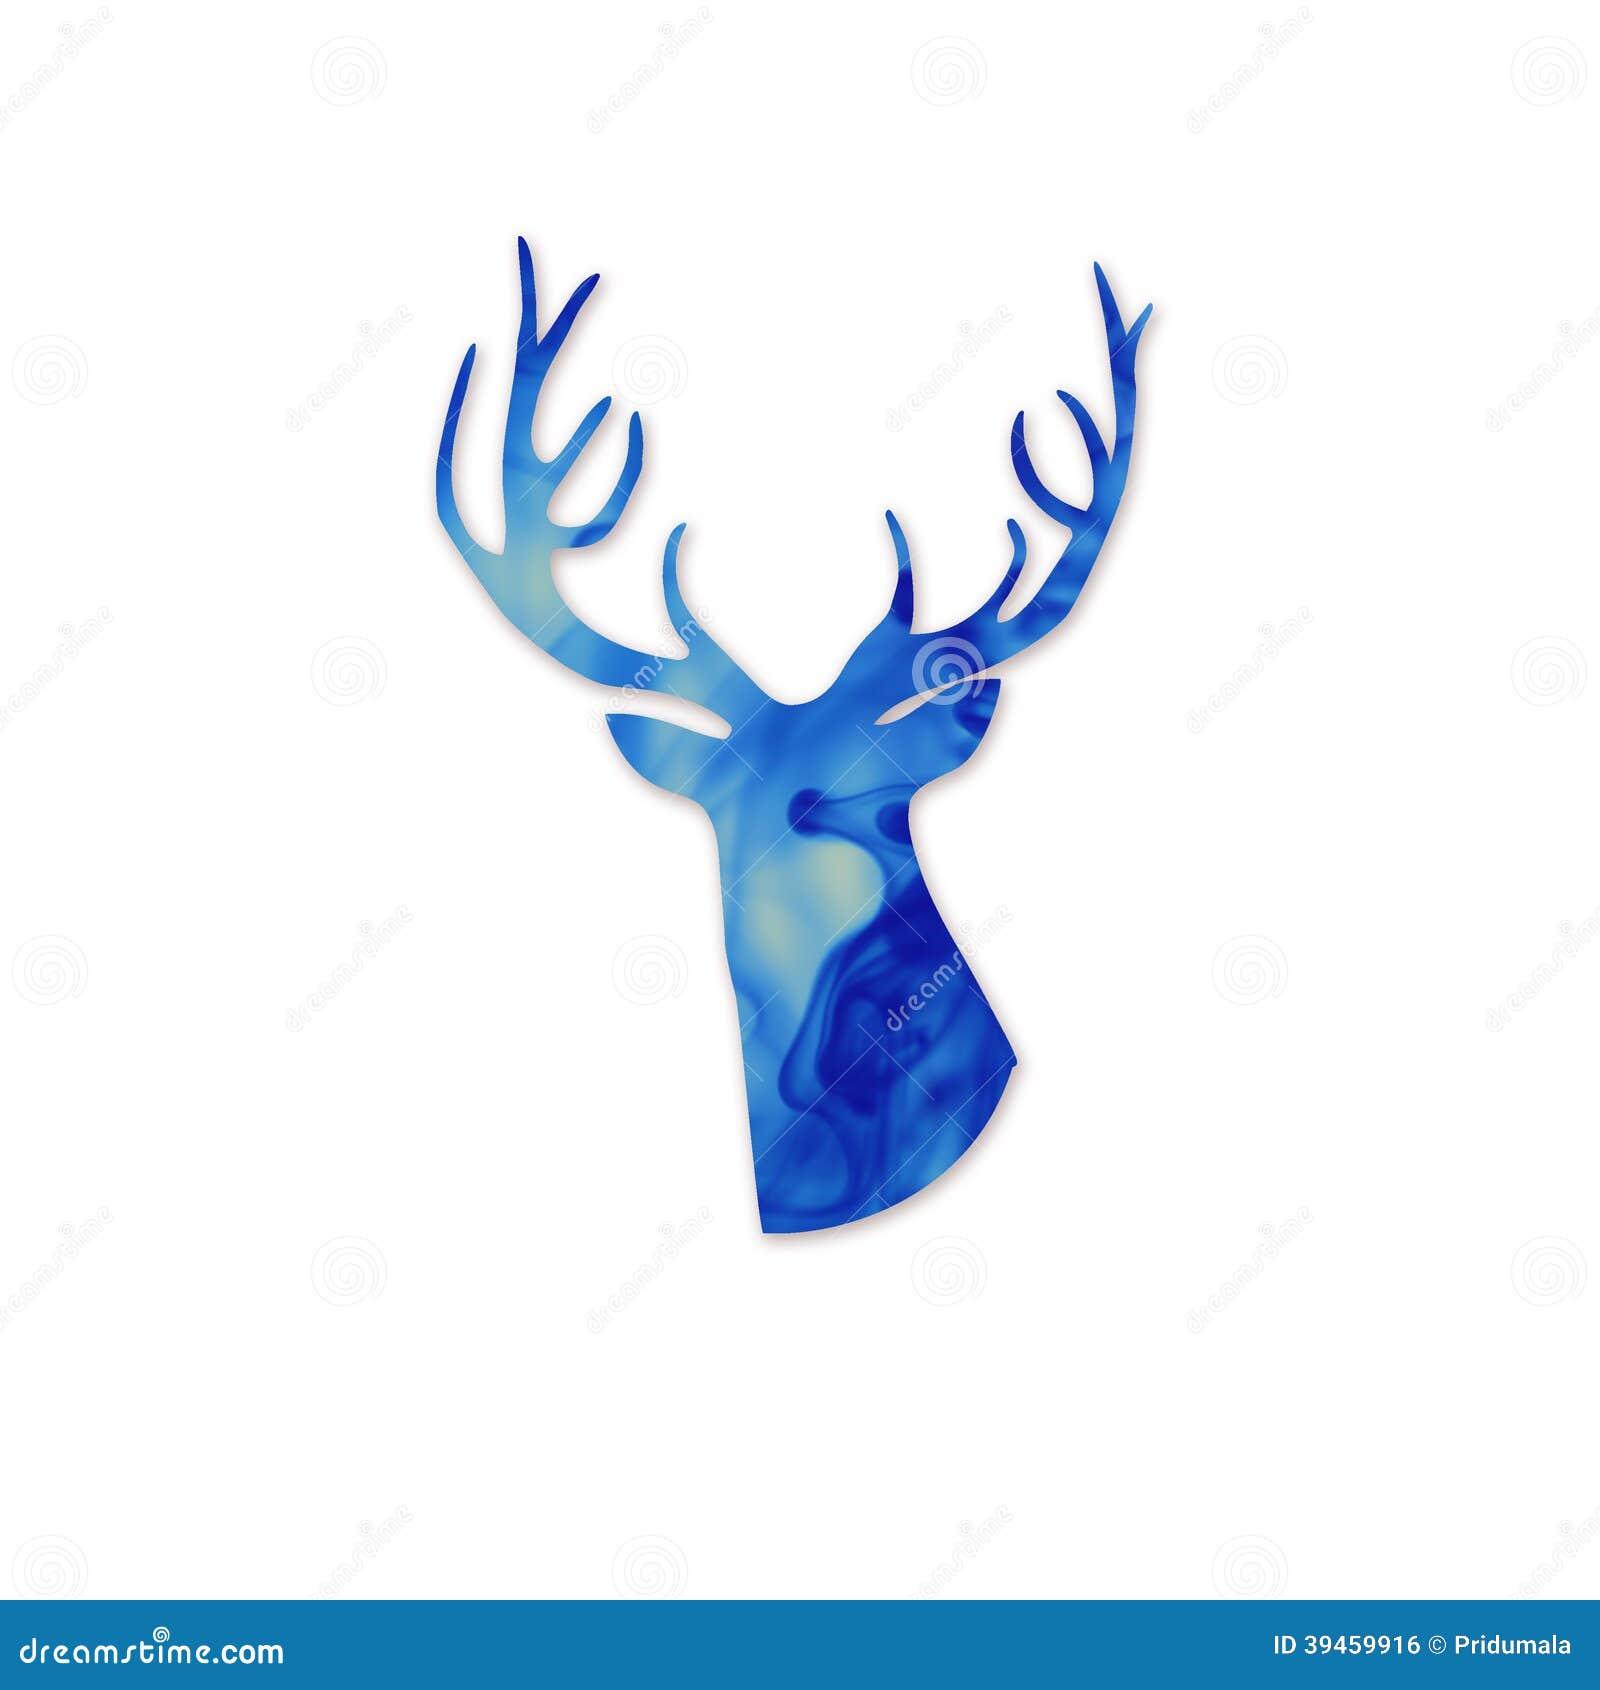 Blue deer head silhoueette. Space and deer modern poster. Cloud of ink ...